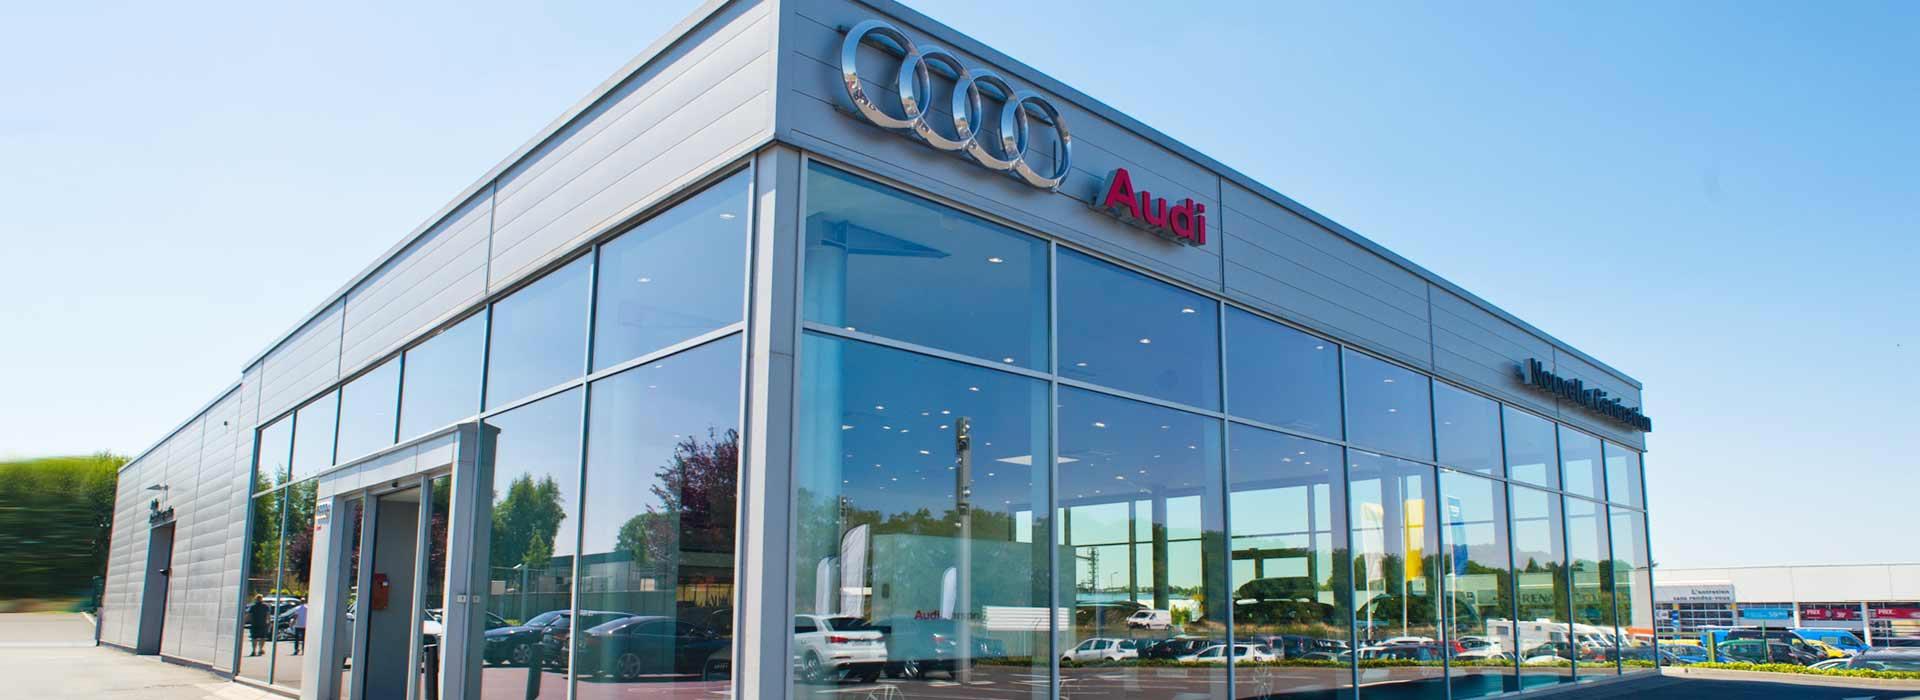 Audi Sarreguemines